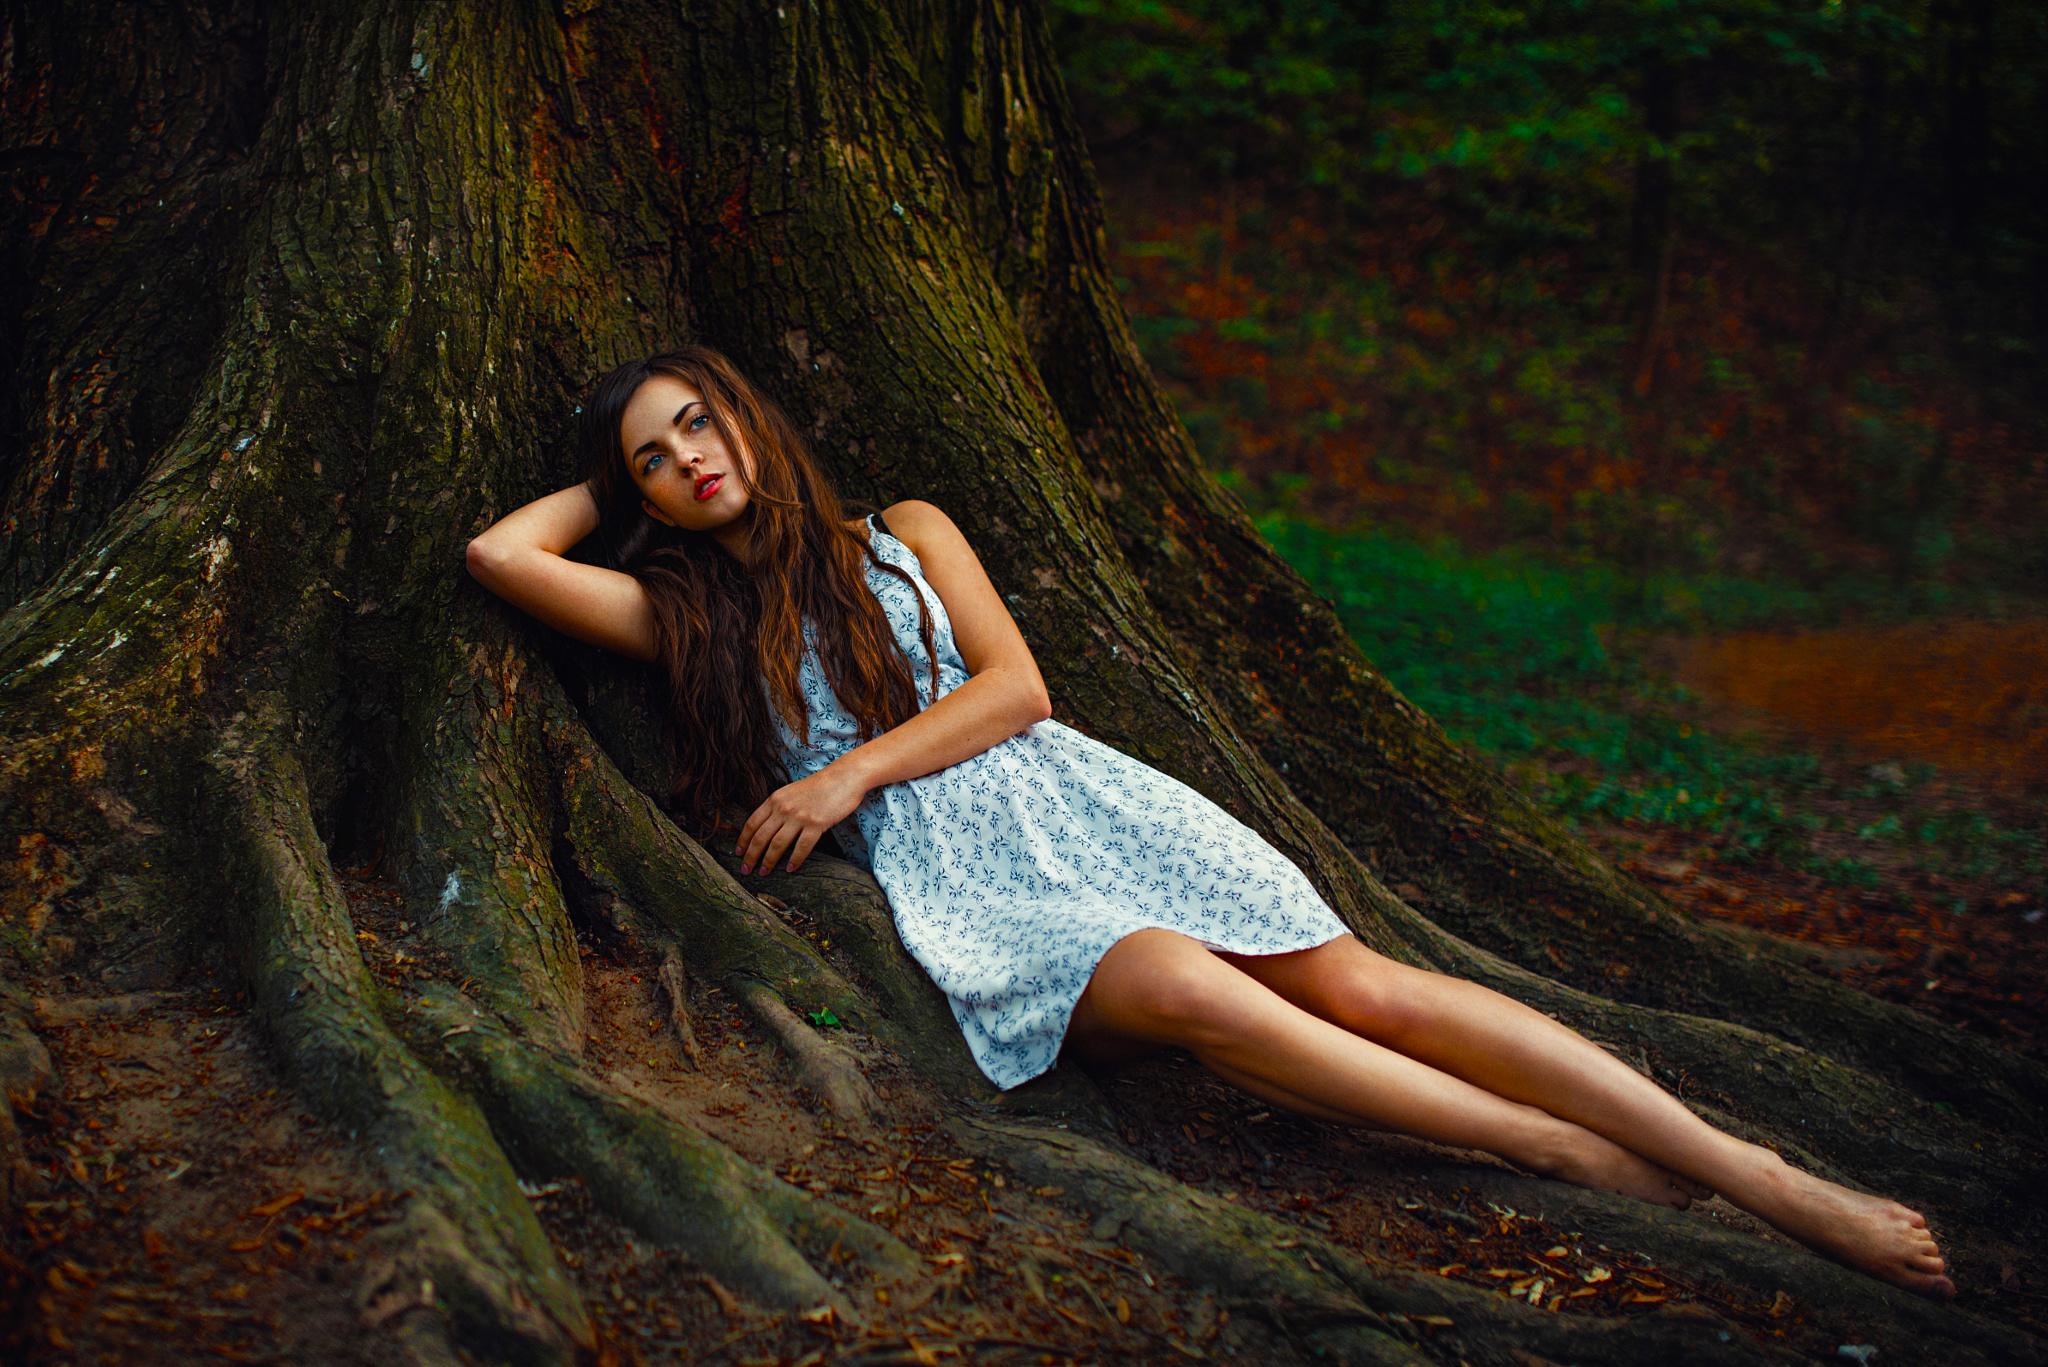 долма, приготовленная женские позы для фотосессии в лесу летом вкус